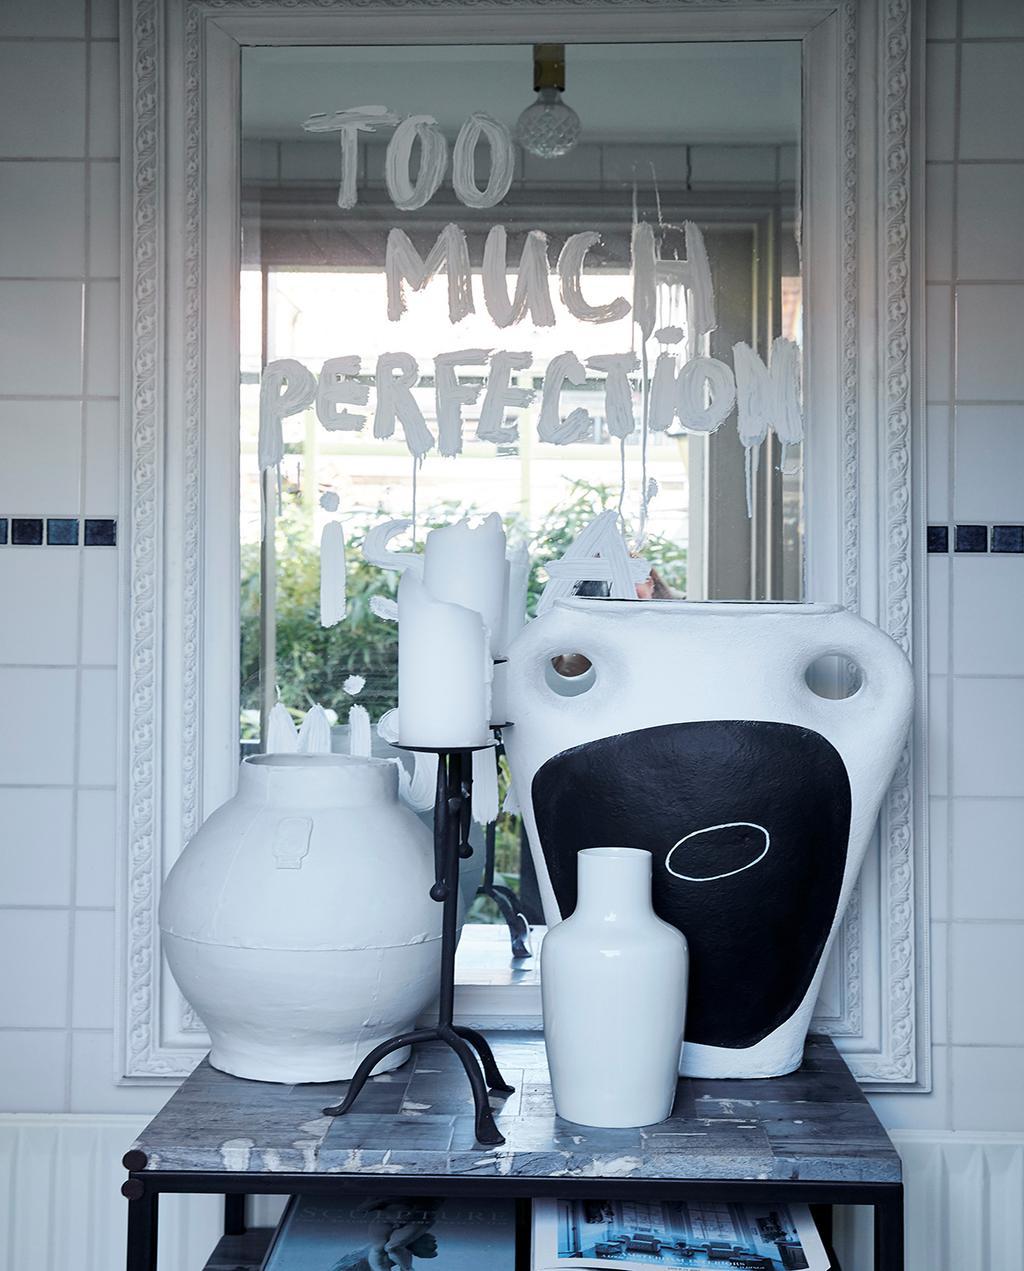 vtwonen 02-2021 | binnenkijken Harlingen spiegel met de tekst: 'too much perfection'